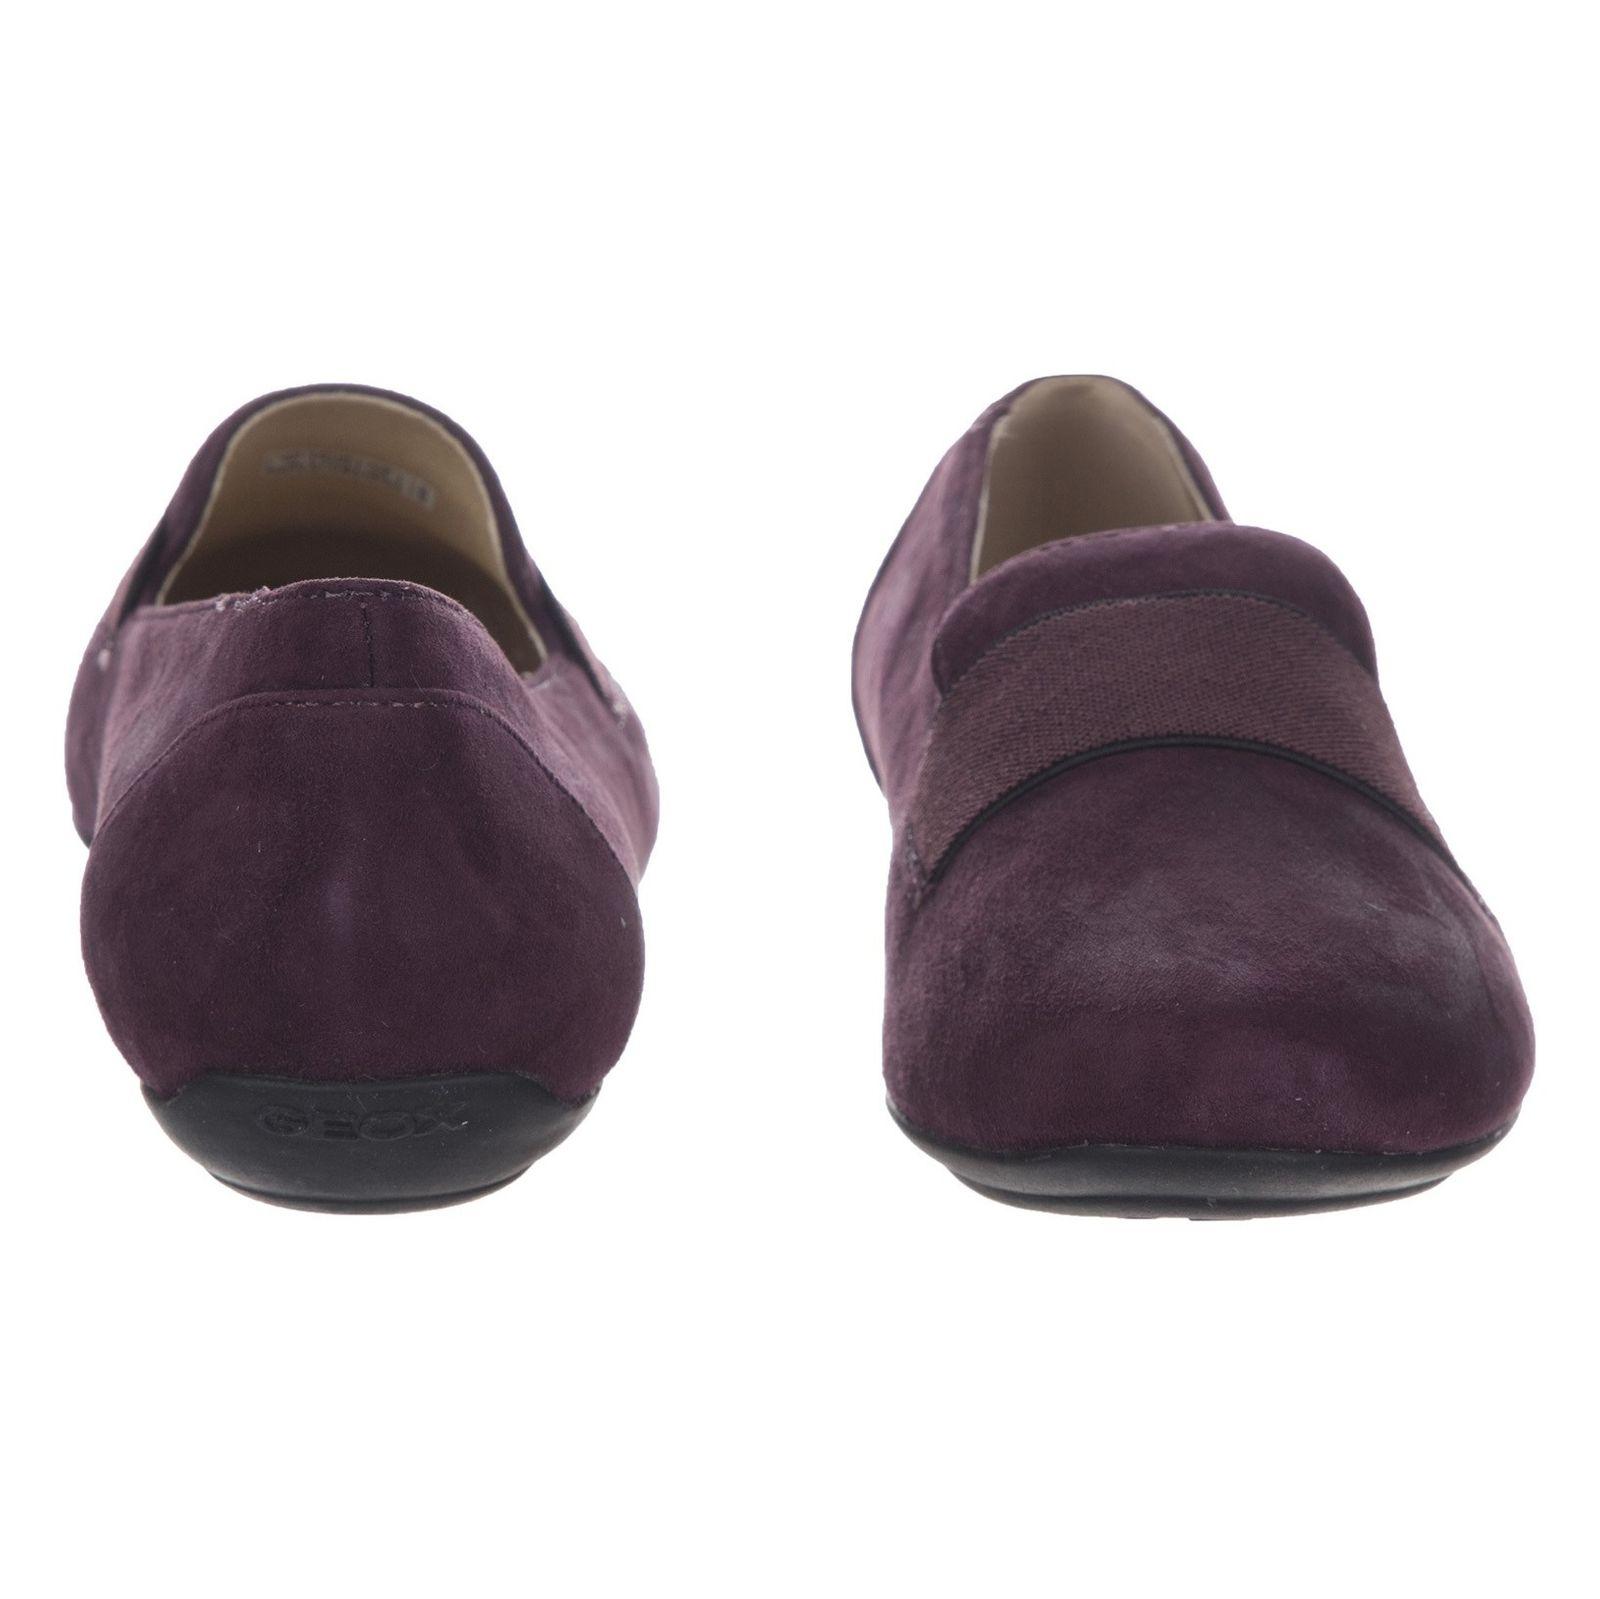 کفش تخت زنانه جی اوکس مدل D34Y7J-00021-C8017 - بنفش - 3